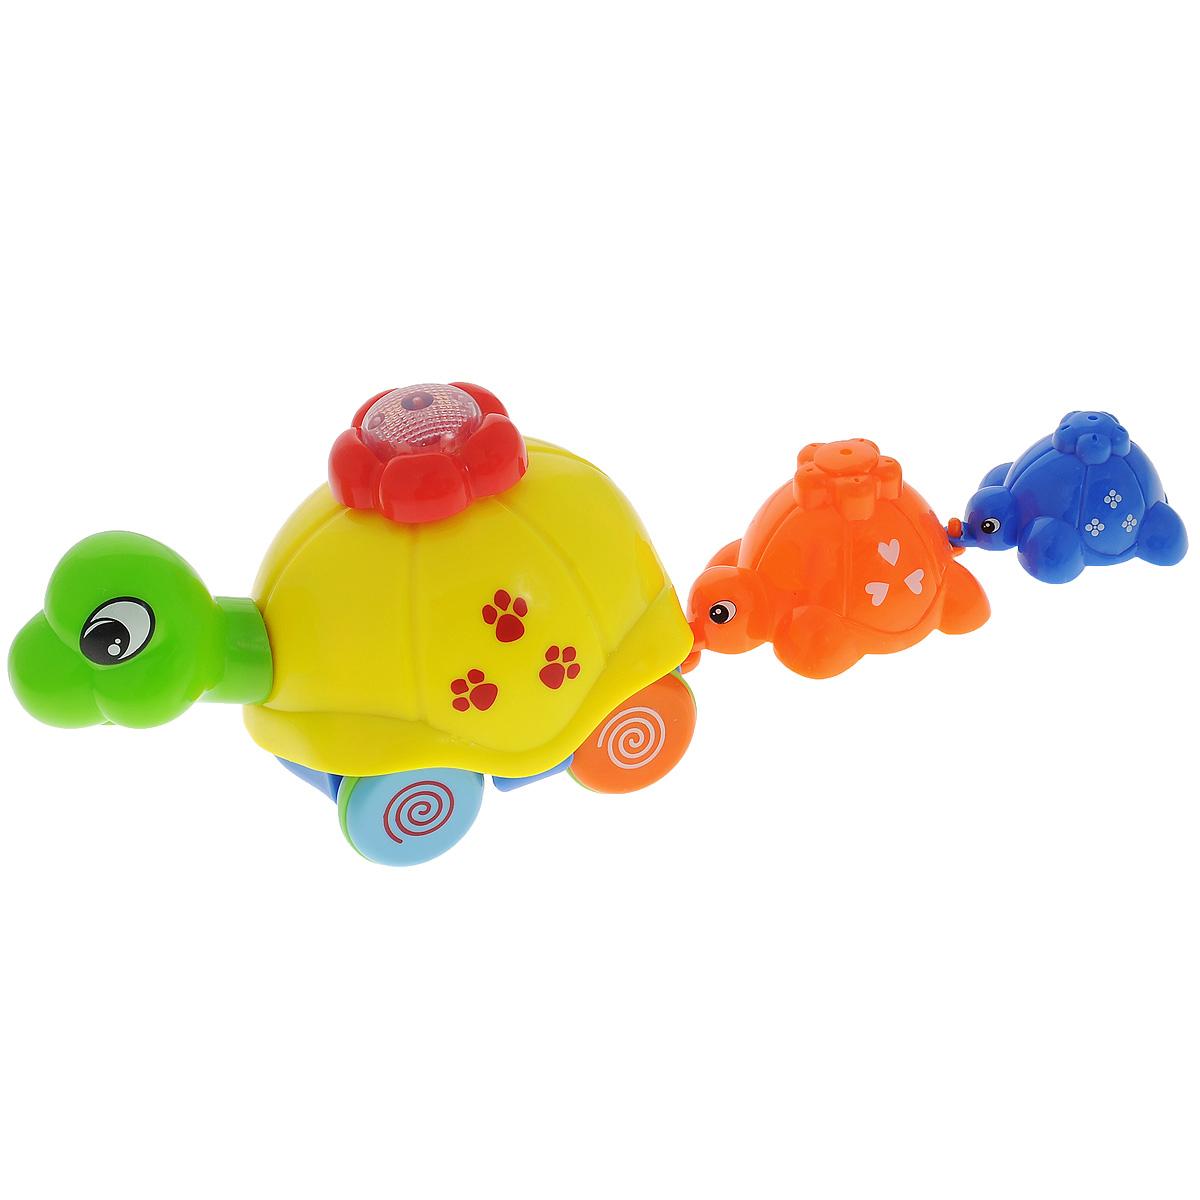 Развивающая игрушка Малышарики Семья черепашек, со световыми и звуковыми эффектамиMSH0303-002Развивающая игрушка Малышарики Семья черепашек - это не только веселая, но и полезная игрушка для малыша. Она не позволит ему скучать и научит новому. В комплект входит большая, средняя и маленькая черепашки. Игрушка выполнена из безопасного прочного пластика ярких цветов. Мама-черепашка может перевозить своих детишек на спине, или водить за собой - для этого необходимо закрепить игрушки на панцире черепашки, либо соединить их цепочкой при помощи пластиковых крючков. Потяните и отпустите большую черепашку, и зазвучит веселая мелодия, а цветочек на ее панцире начнет светиться. Покрутите цветок на панцире по часовой стрелке, и черепашка поедет вперед или начнет кружиться на месте, забавно качая головой. Игры с такой игрушкой развивают мелкую моторику, концентрацию внимания, творческие способности, слуховое восприятие и координацию движений малыша, а также способствуют физическому развитию. Необходимо докупить 2 батарейки напряжением 1,5V типа ААА (в комплект не...